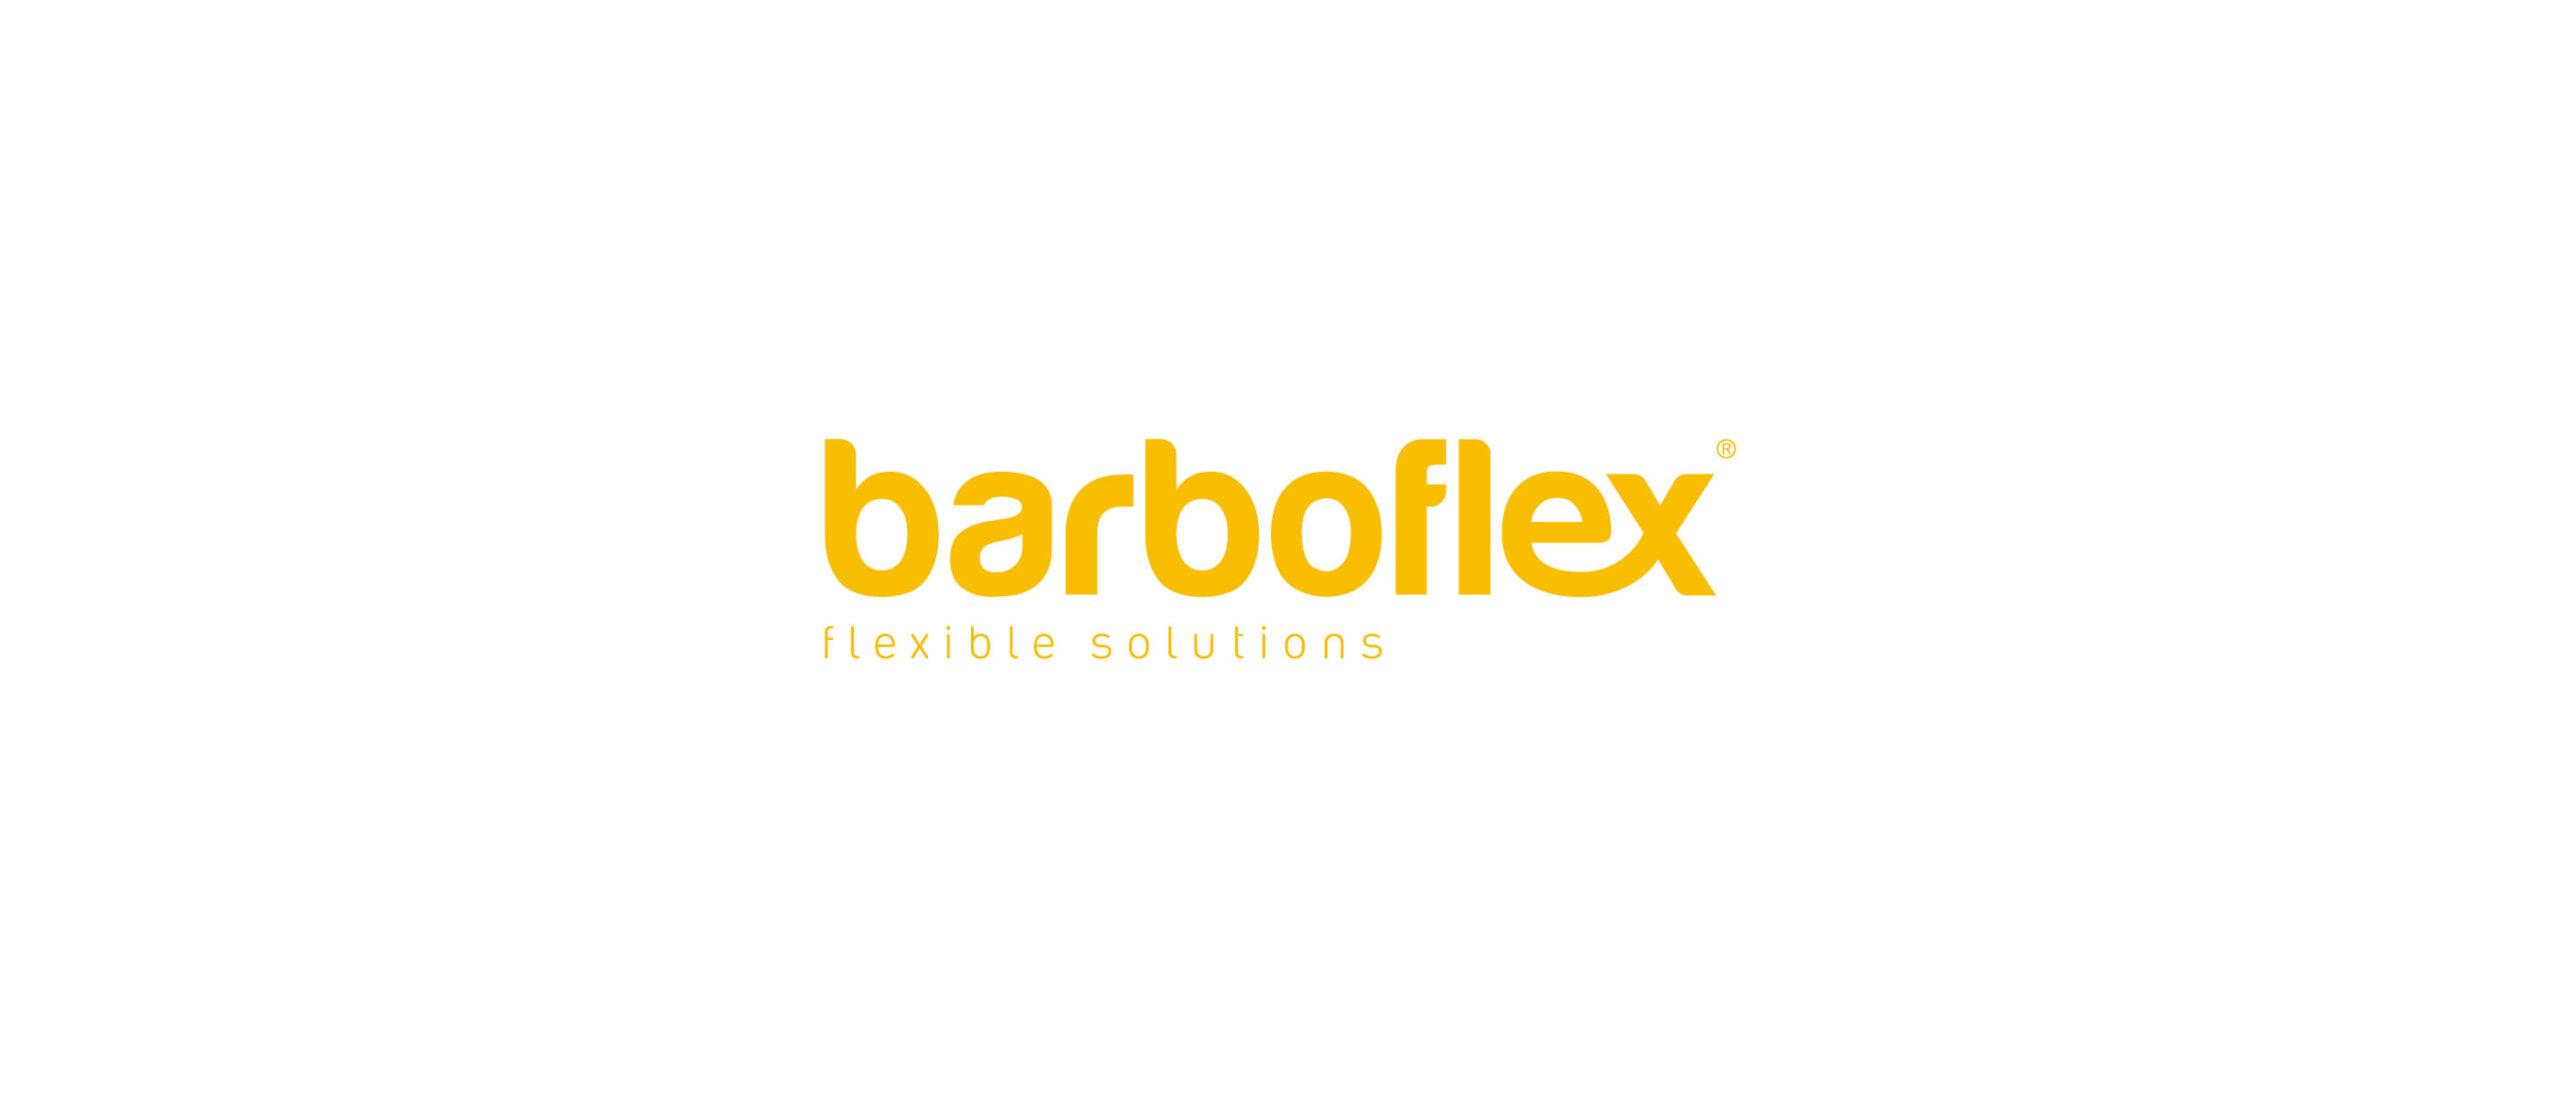 barboflex_006_1